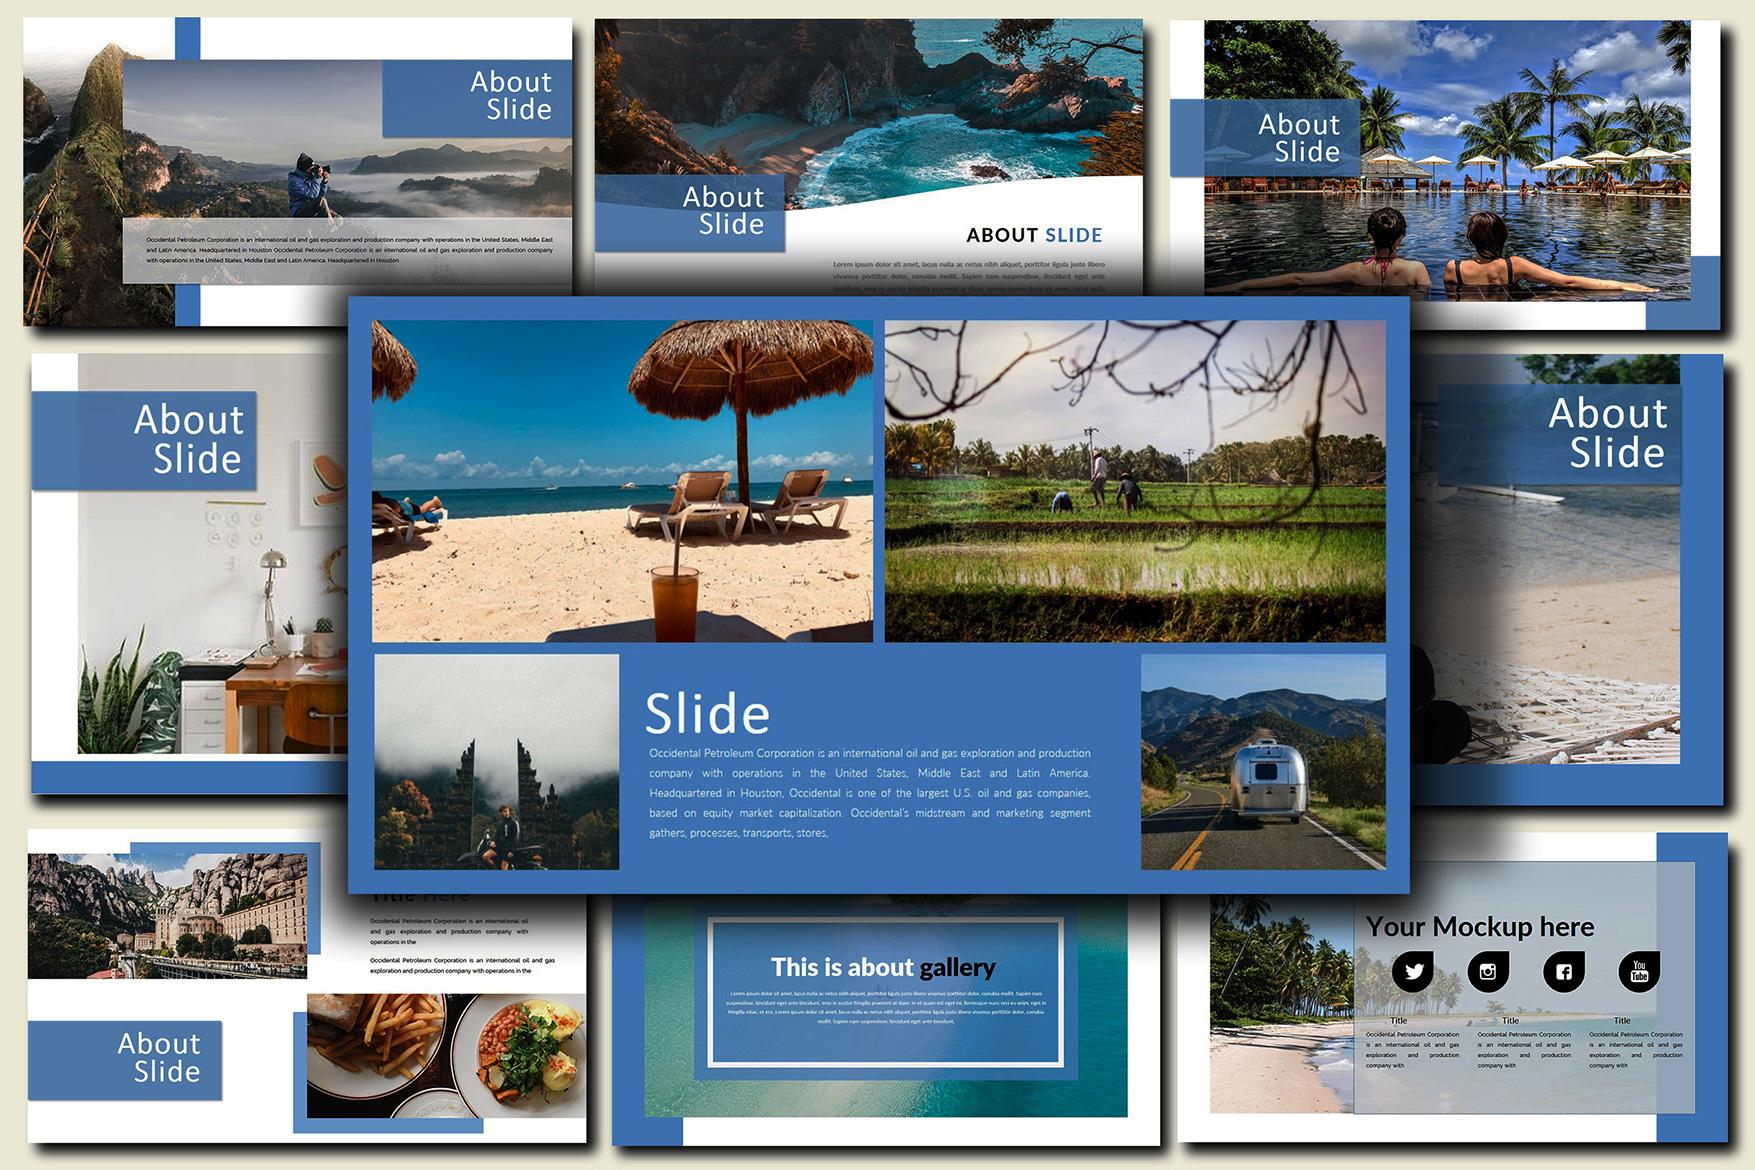 Holiday - Google Slides Presentation example image 9